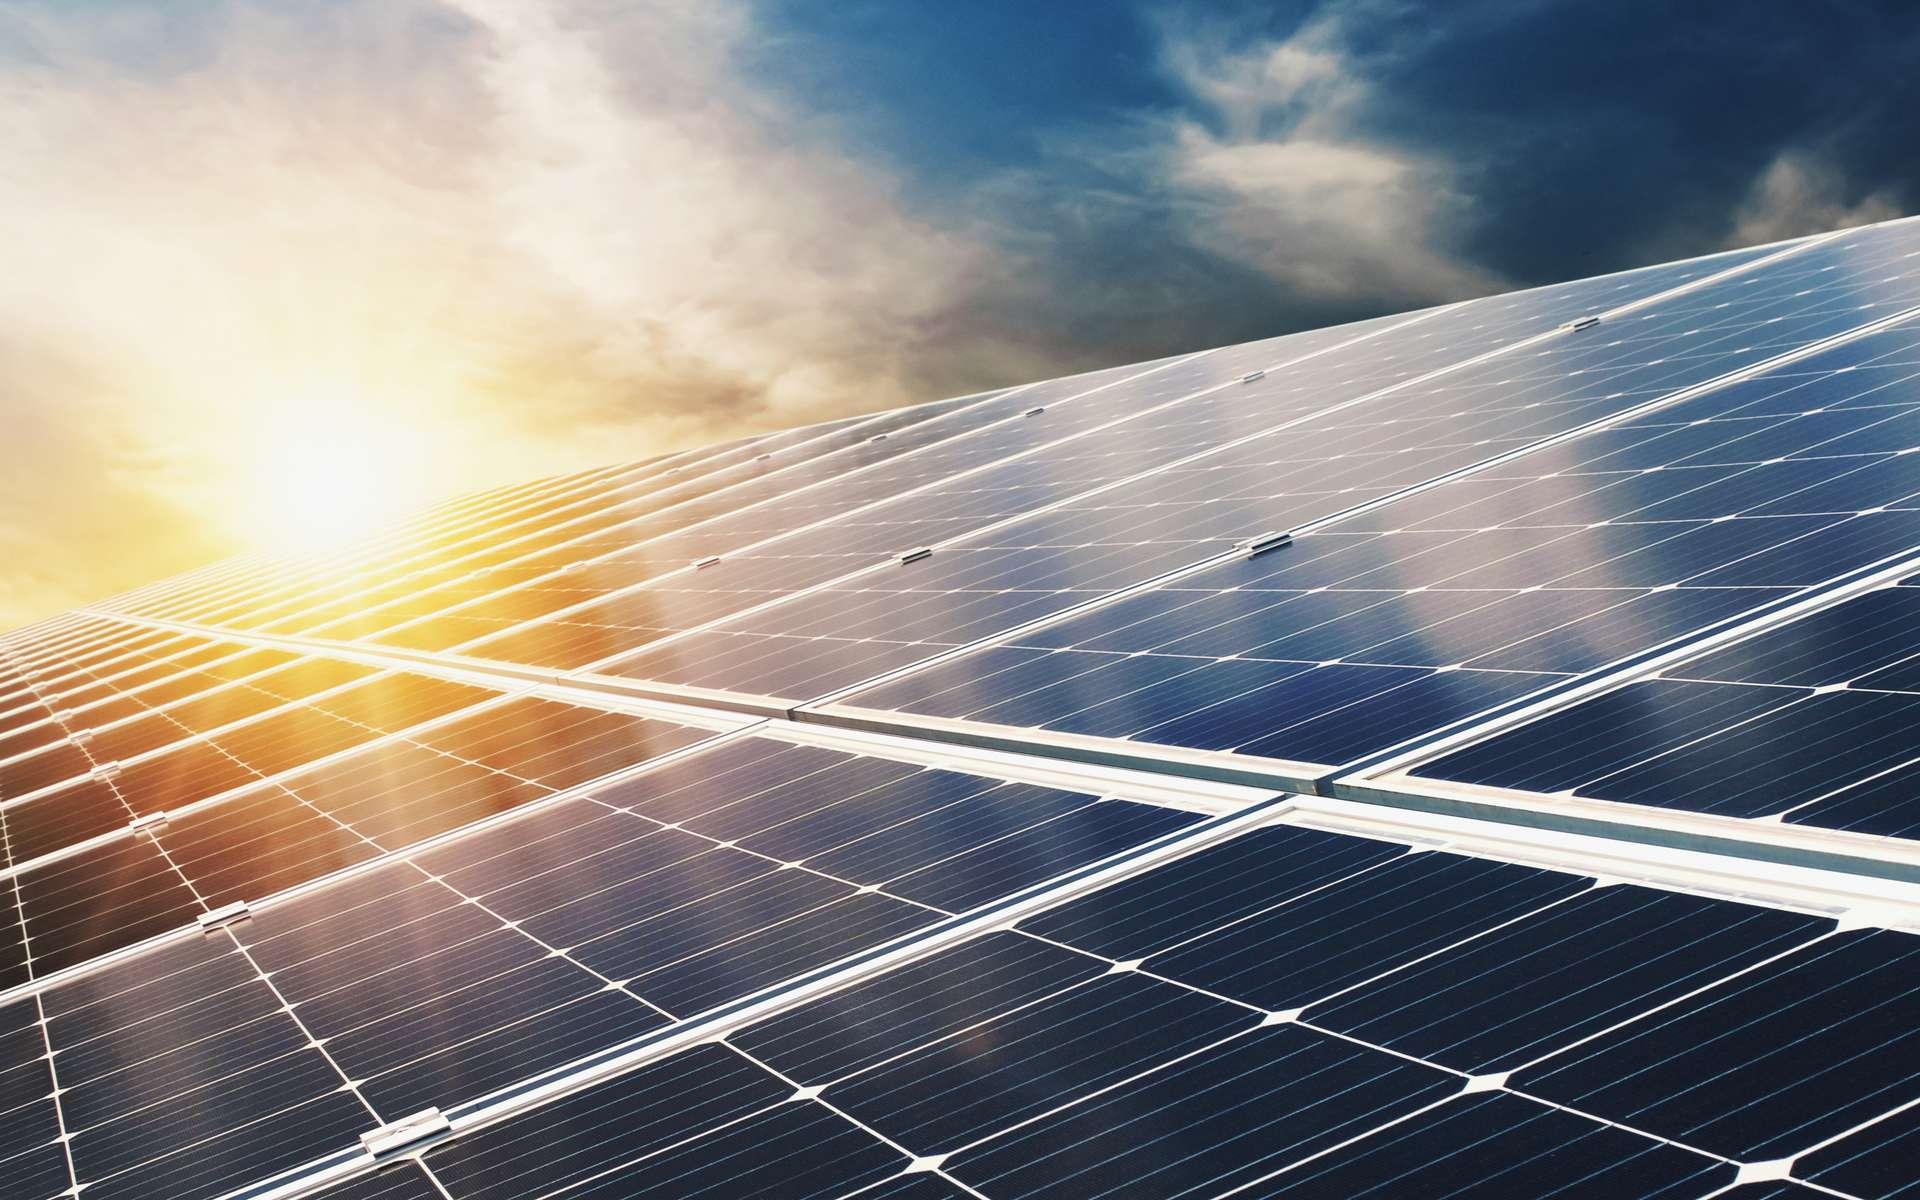 La cellule solaire tandem proposée par les chercheurs combine la technologie au silicium maîtrisée par les industriels avec la nouvelle technologie des pérovskites. © lovelyday12, Adobe Stock